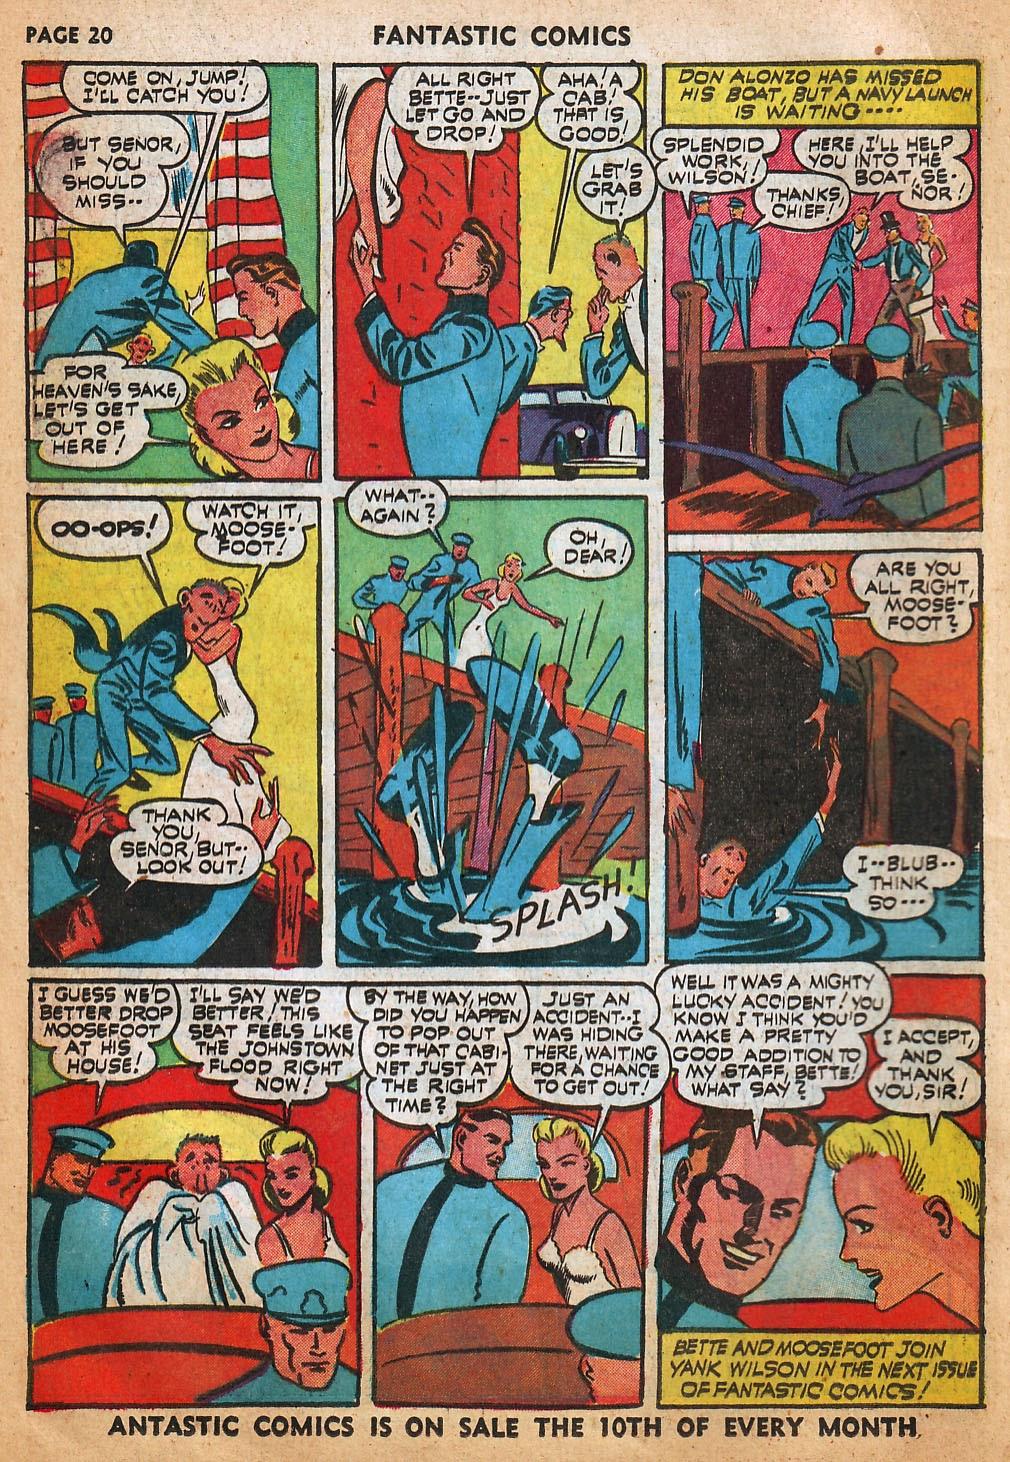 Read online Fantastic Comics comic -  Issue #22 - 22